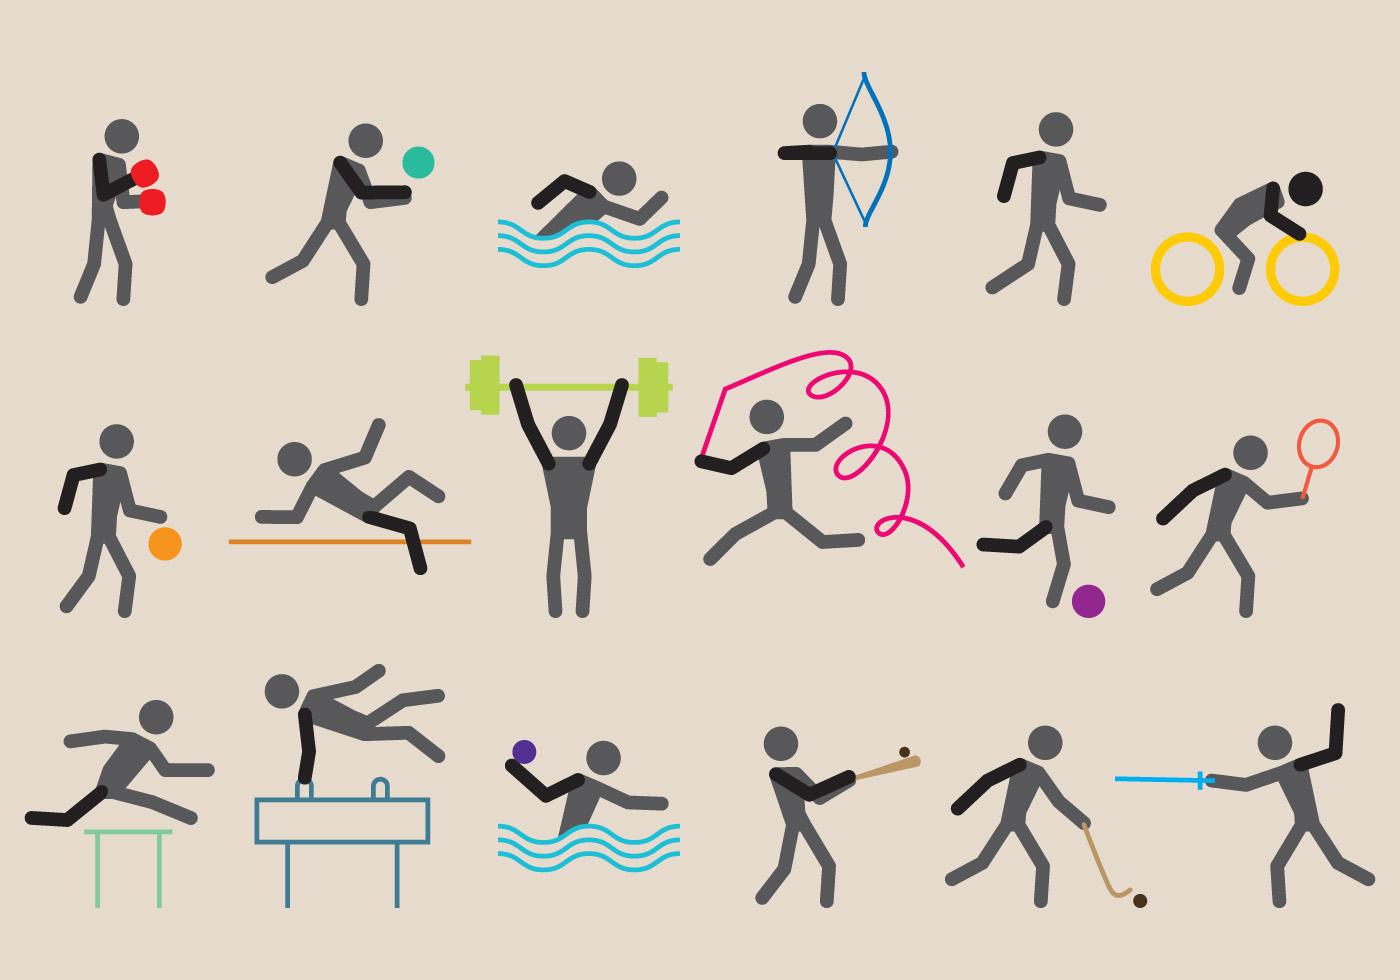 молодожены картинки спорт схематические даже вроде